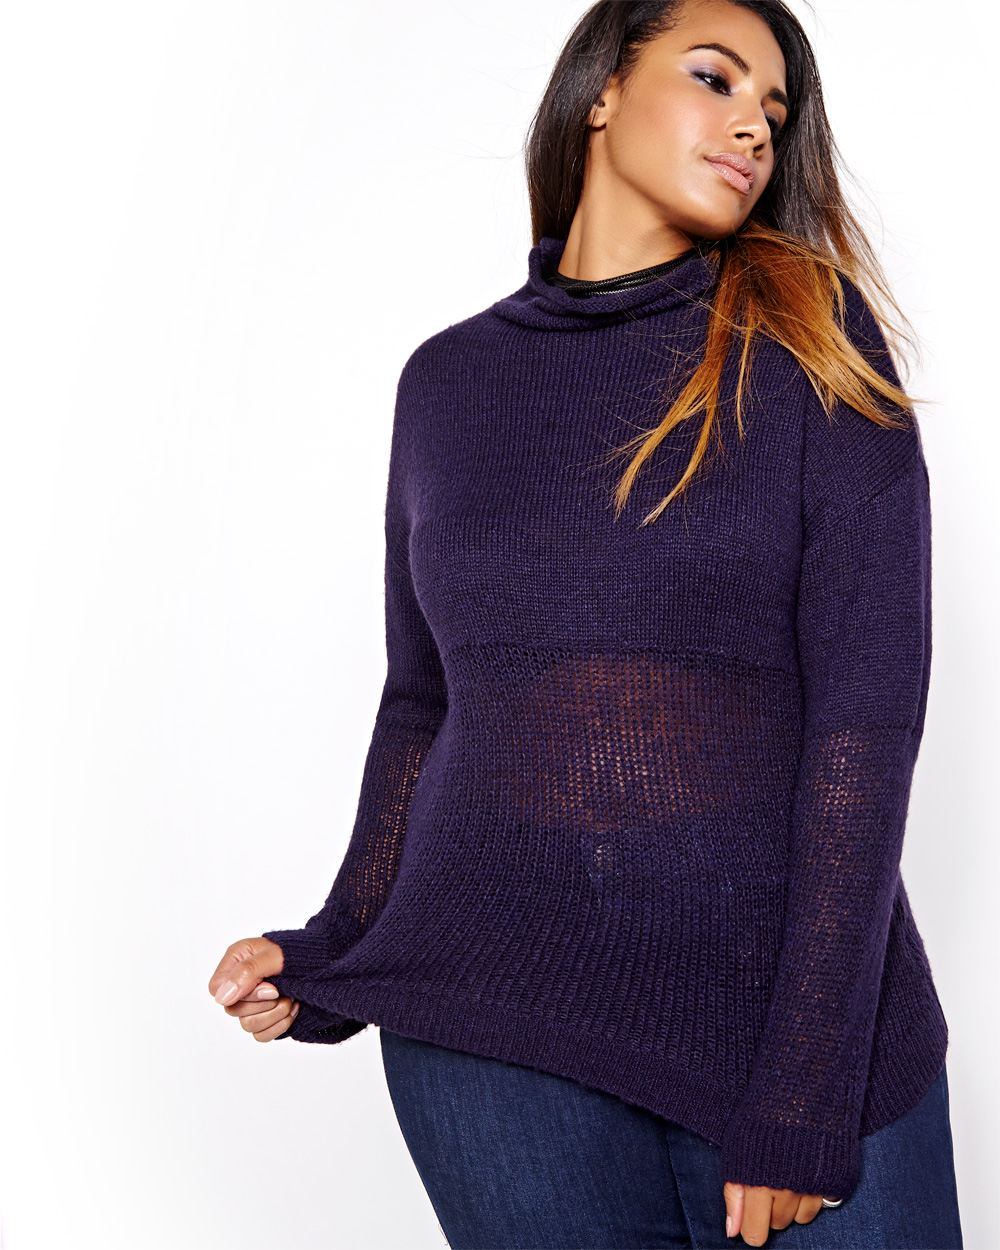 L&L Funnel Neck Sweater. Addition Elle. $78.